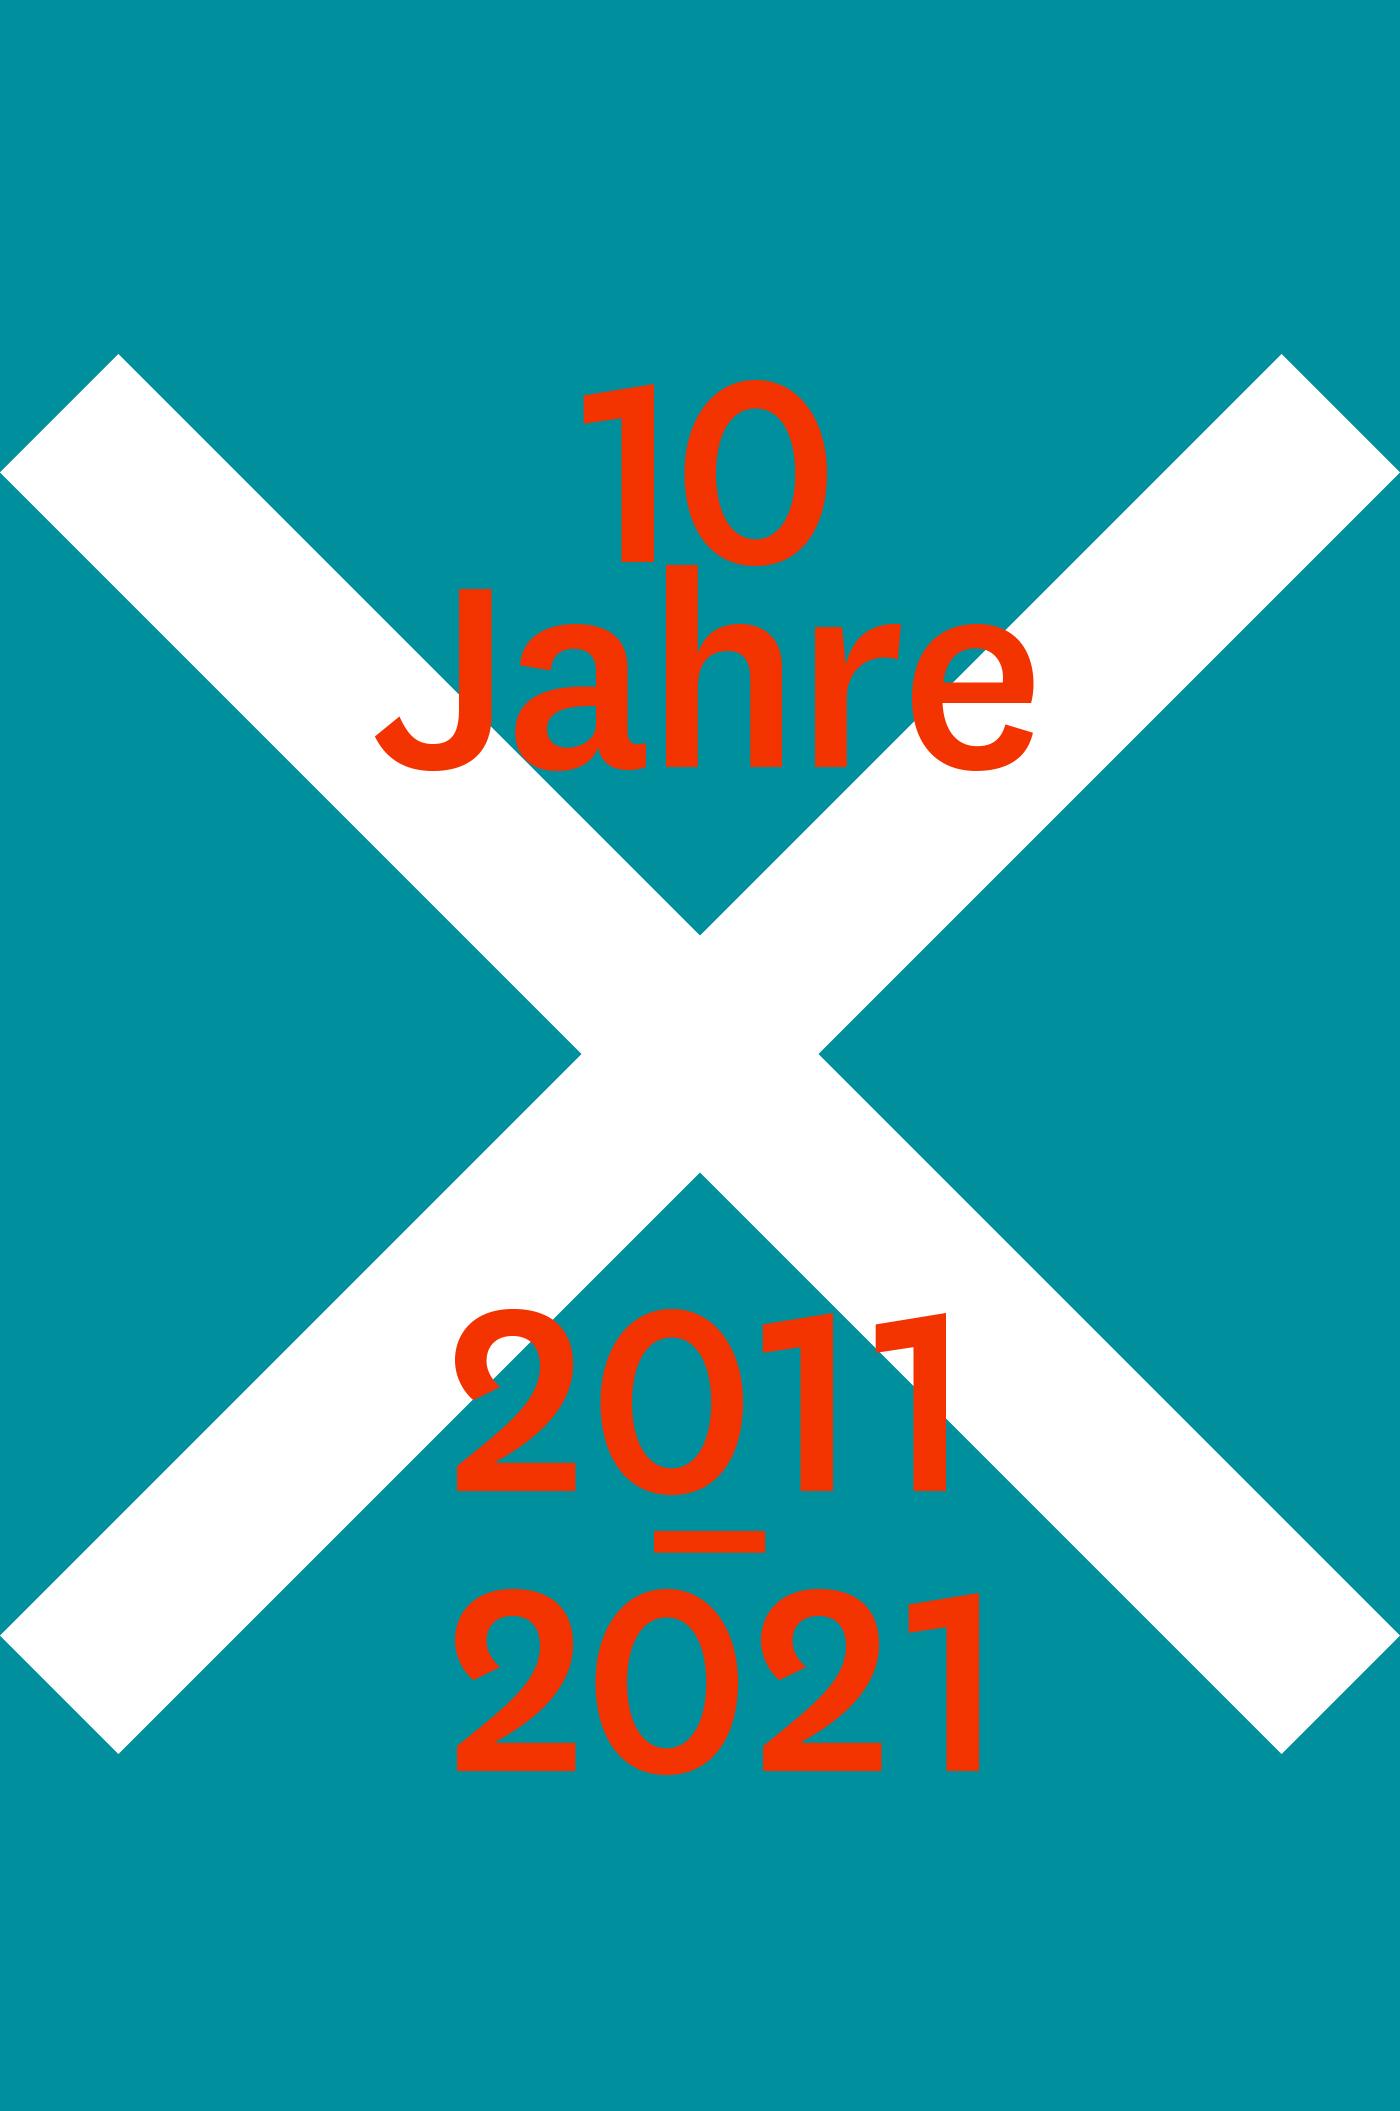 DA_10_Jahre_05.jpg